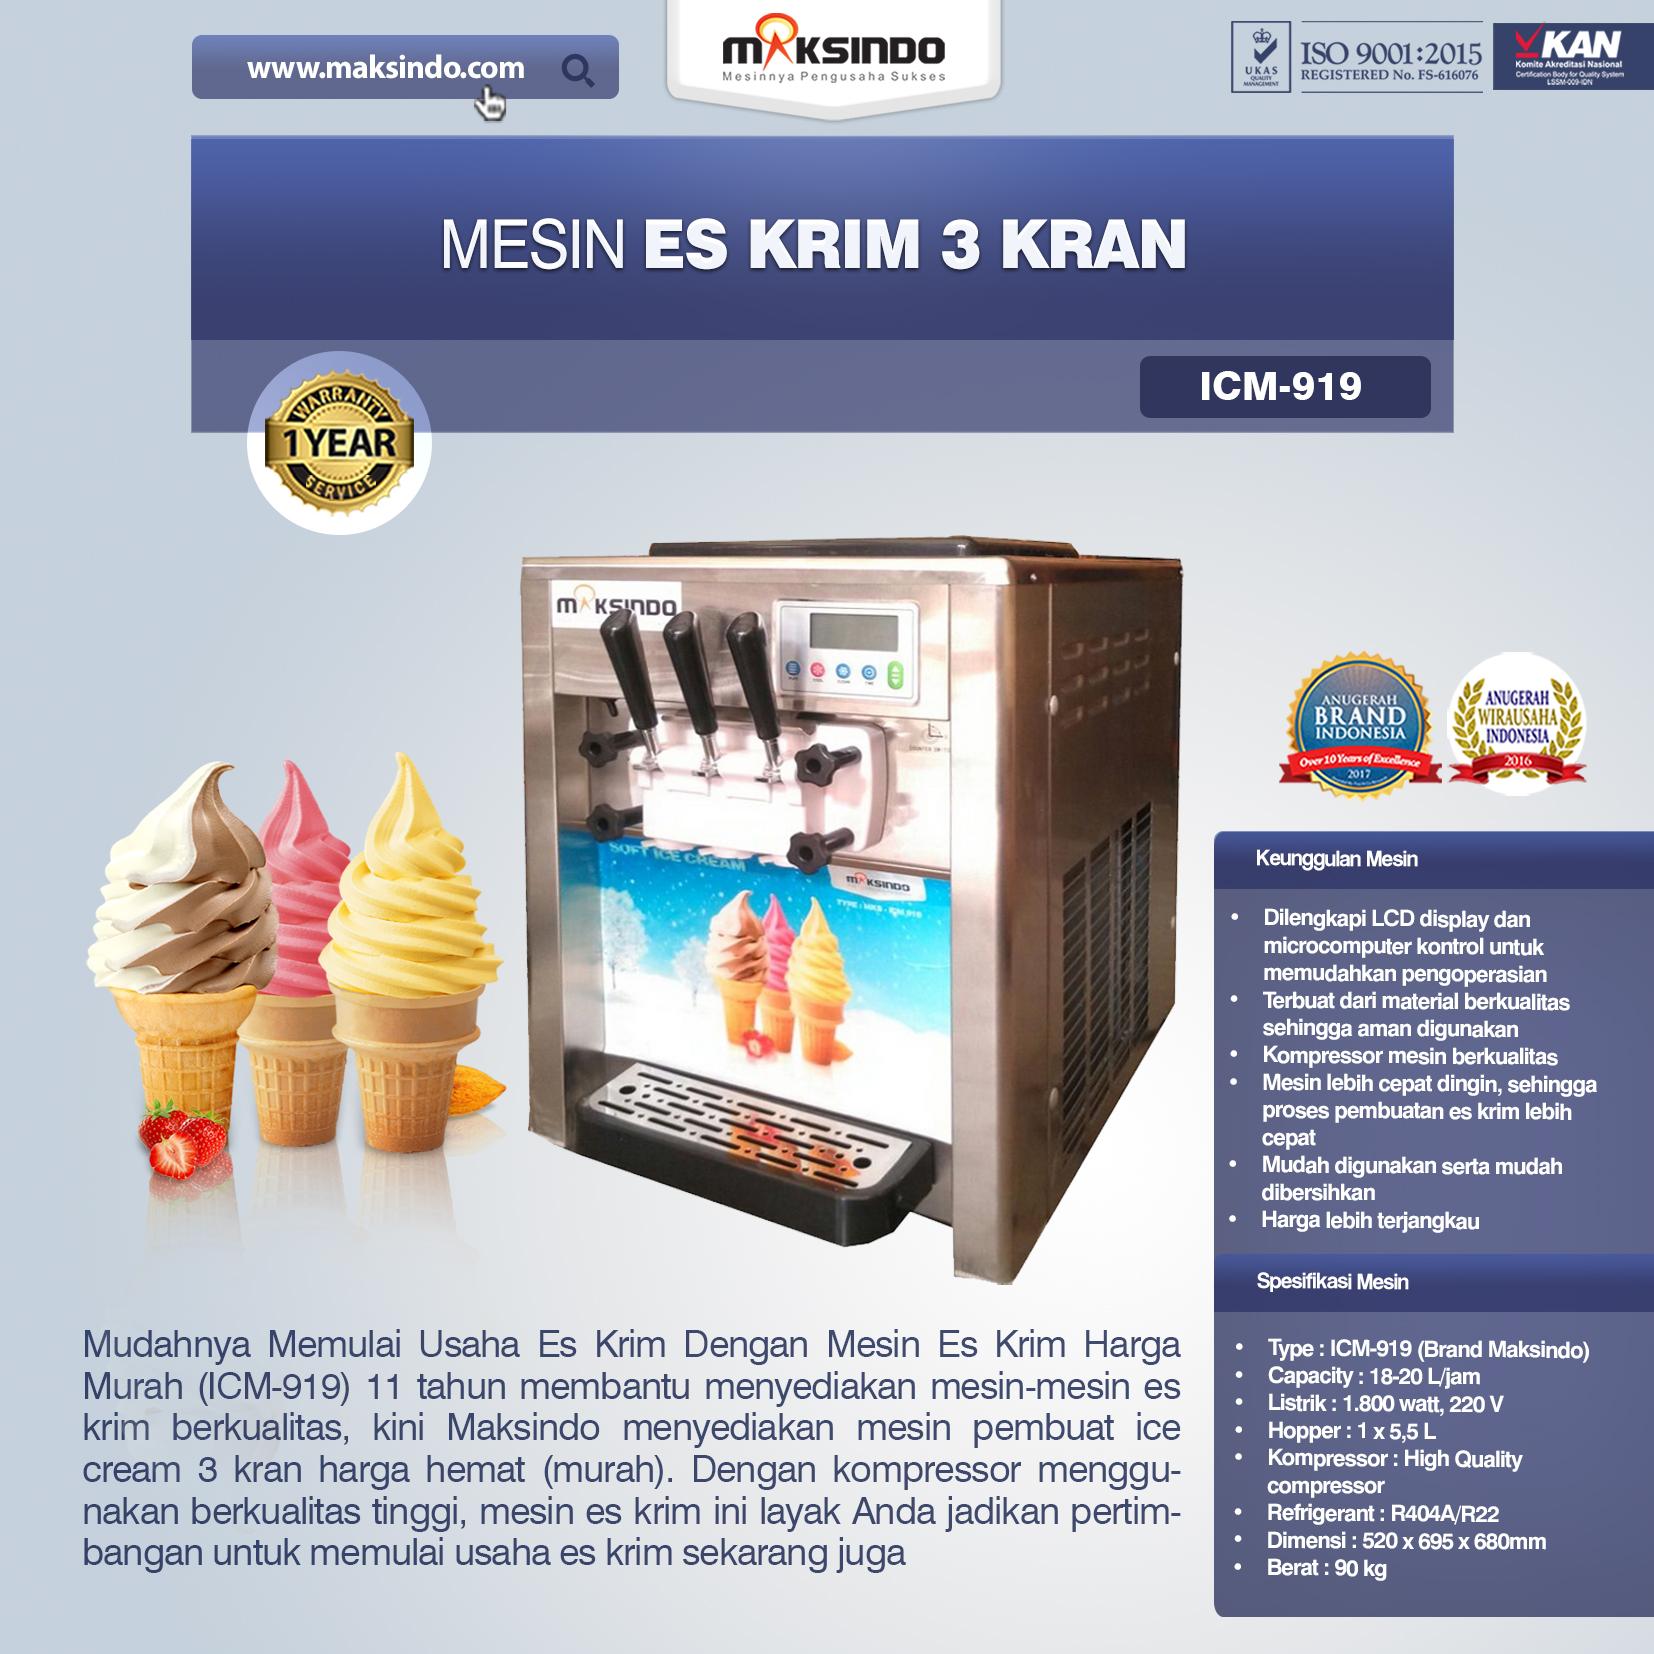 Jual Mesin Es Krim 3 Kran (Japan Kompressor) di Semarang